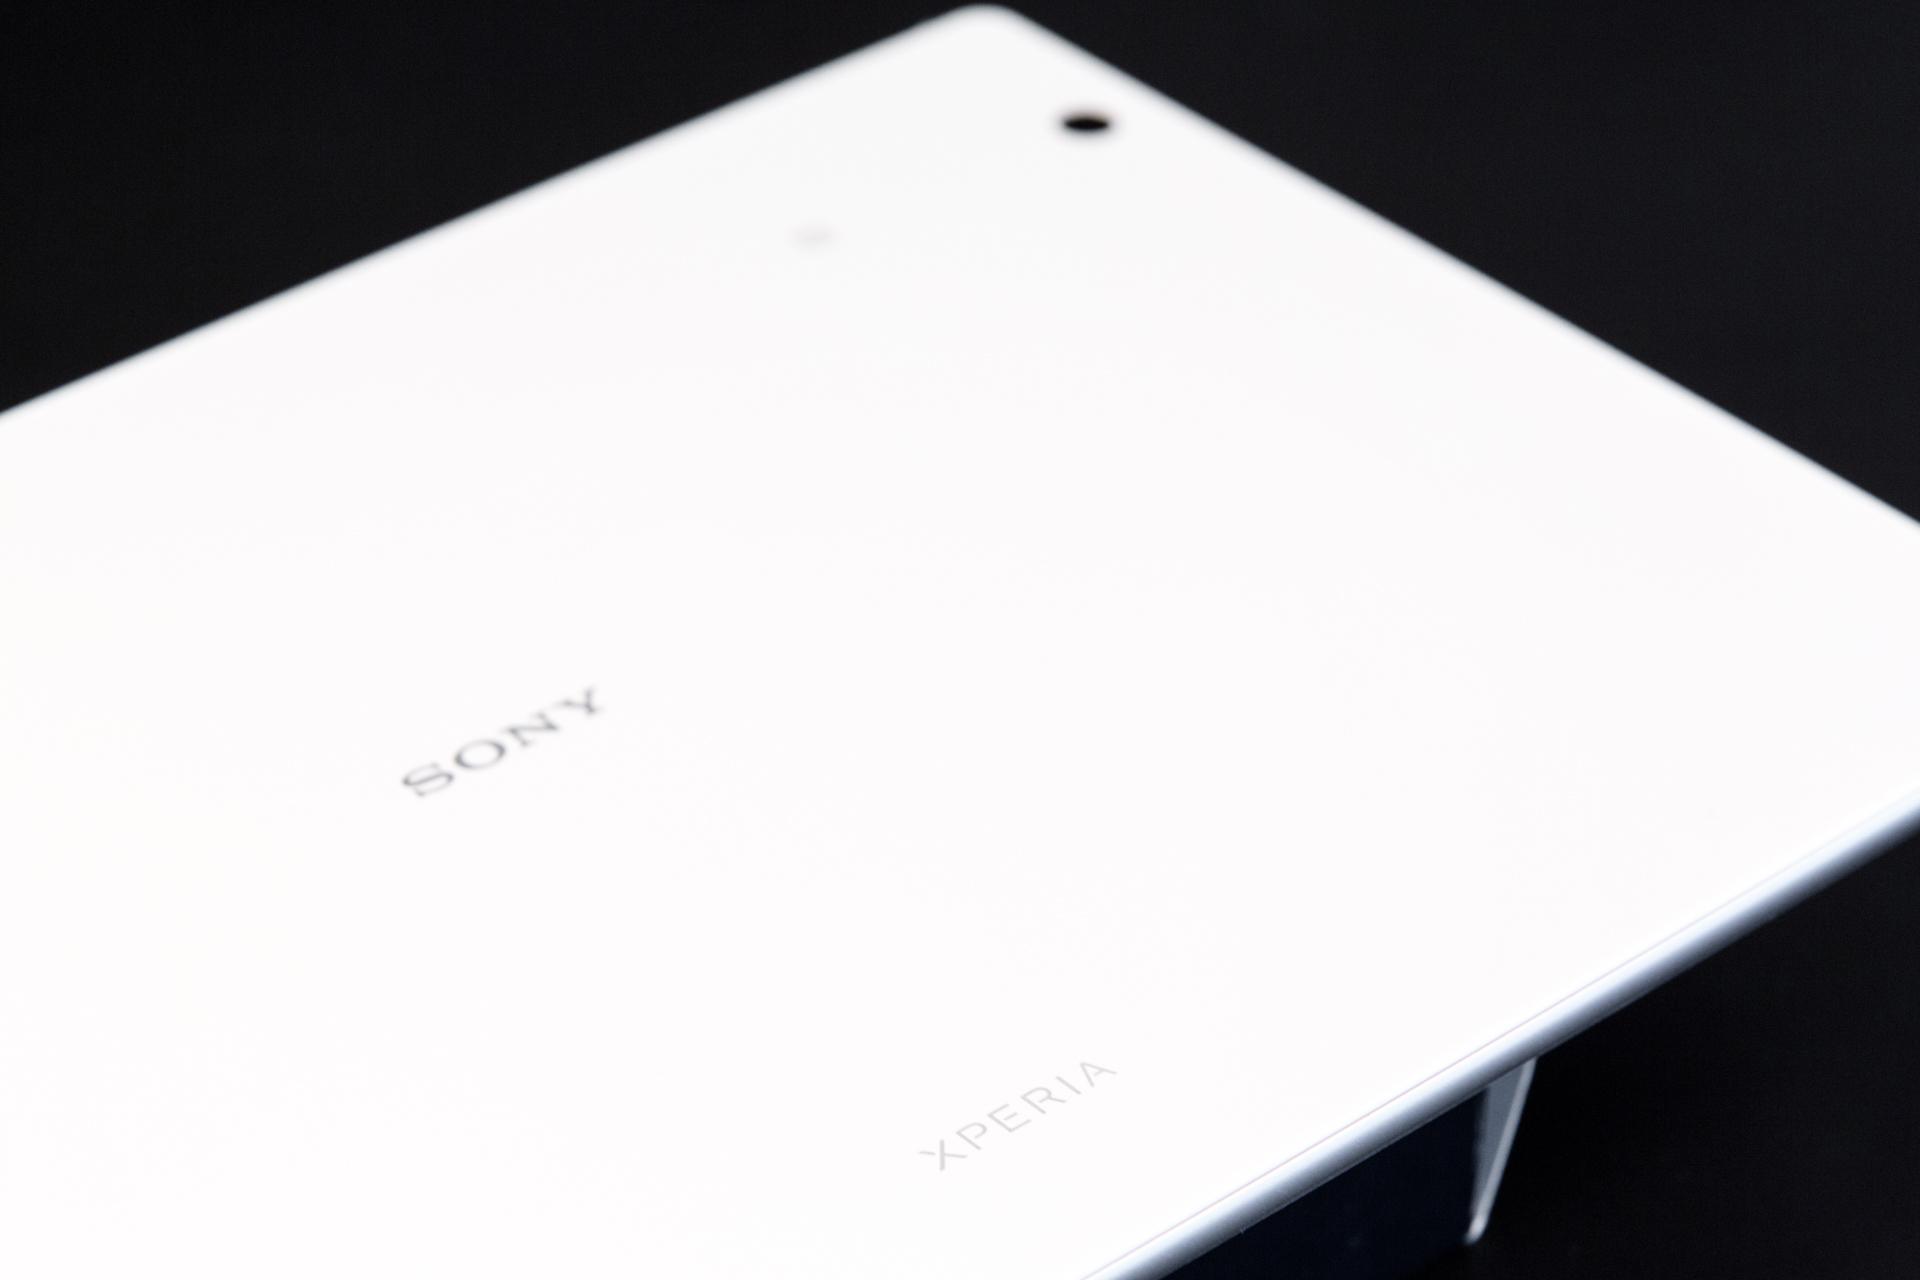 Xperia Z4 Tablet im Test: Dünn, leicht und heiß - Das neue Xperia Z4 Tablet von Sony (Bild: Martin Wolf/Golem.de)